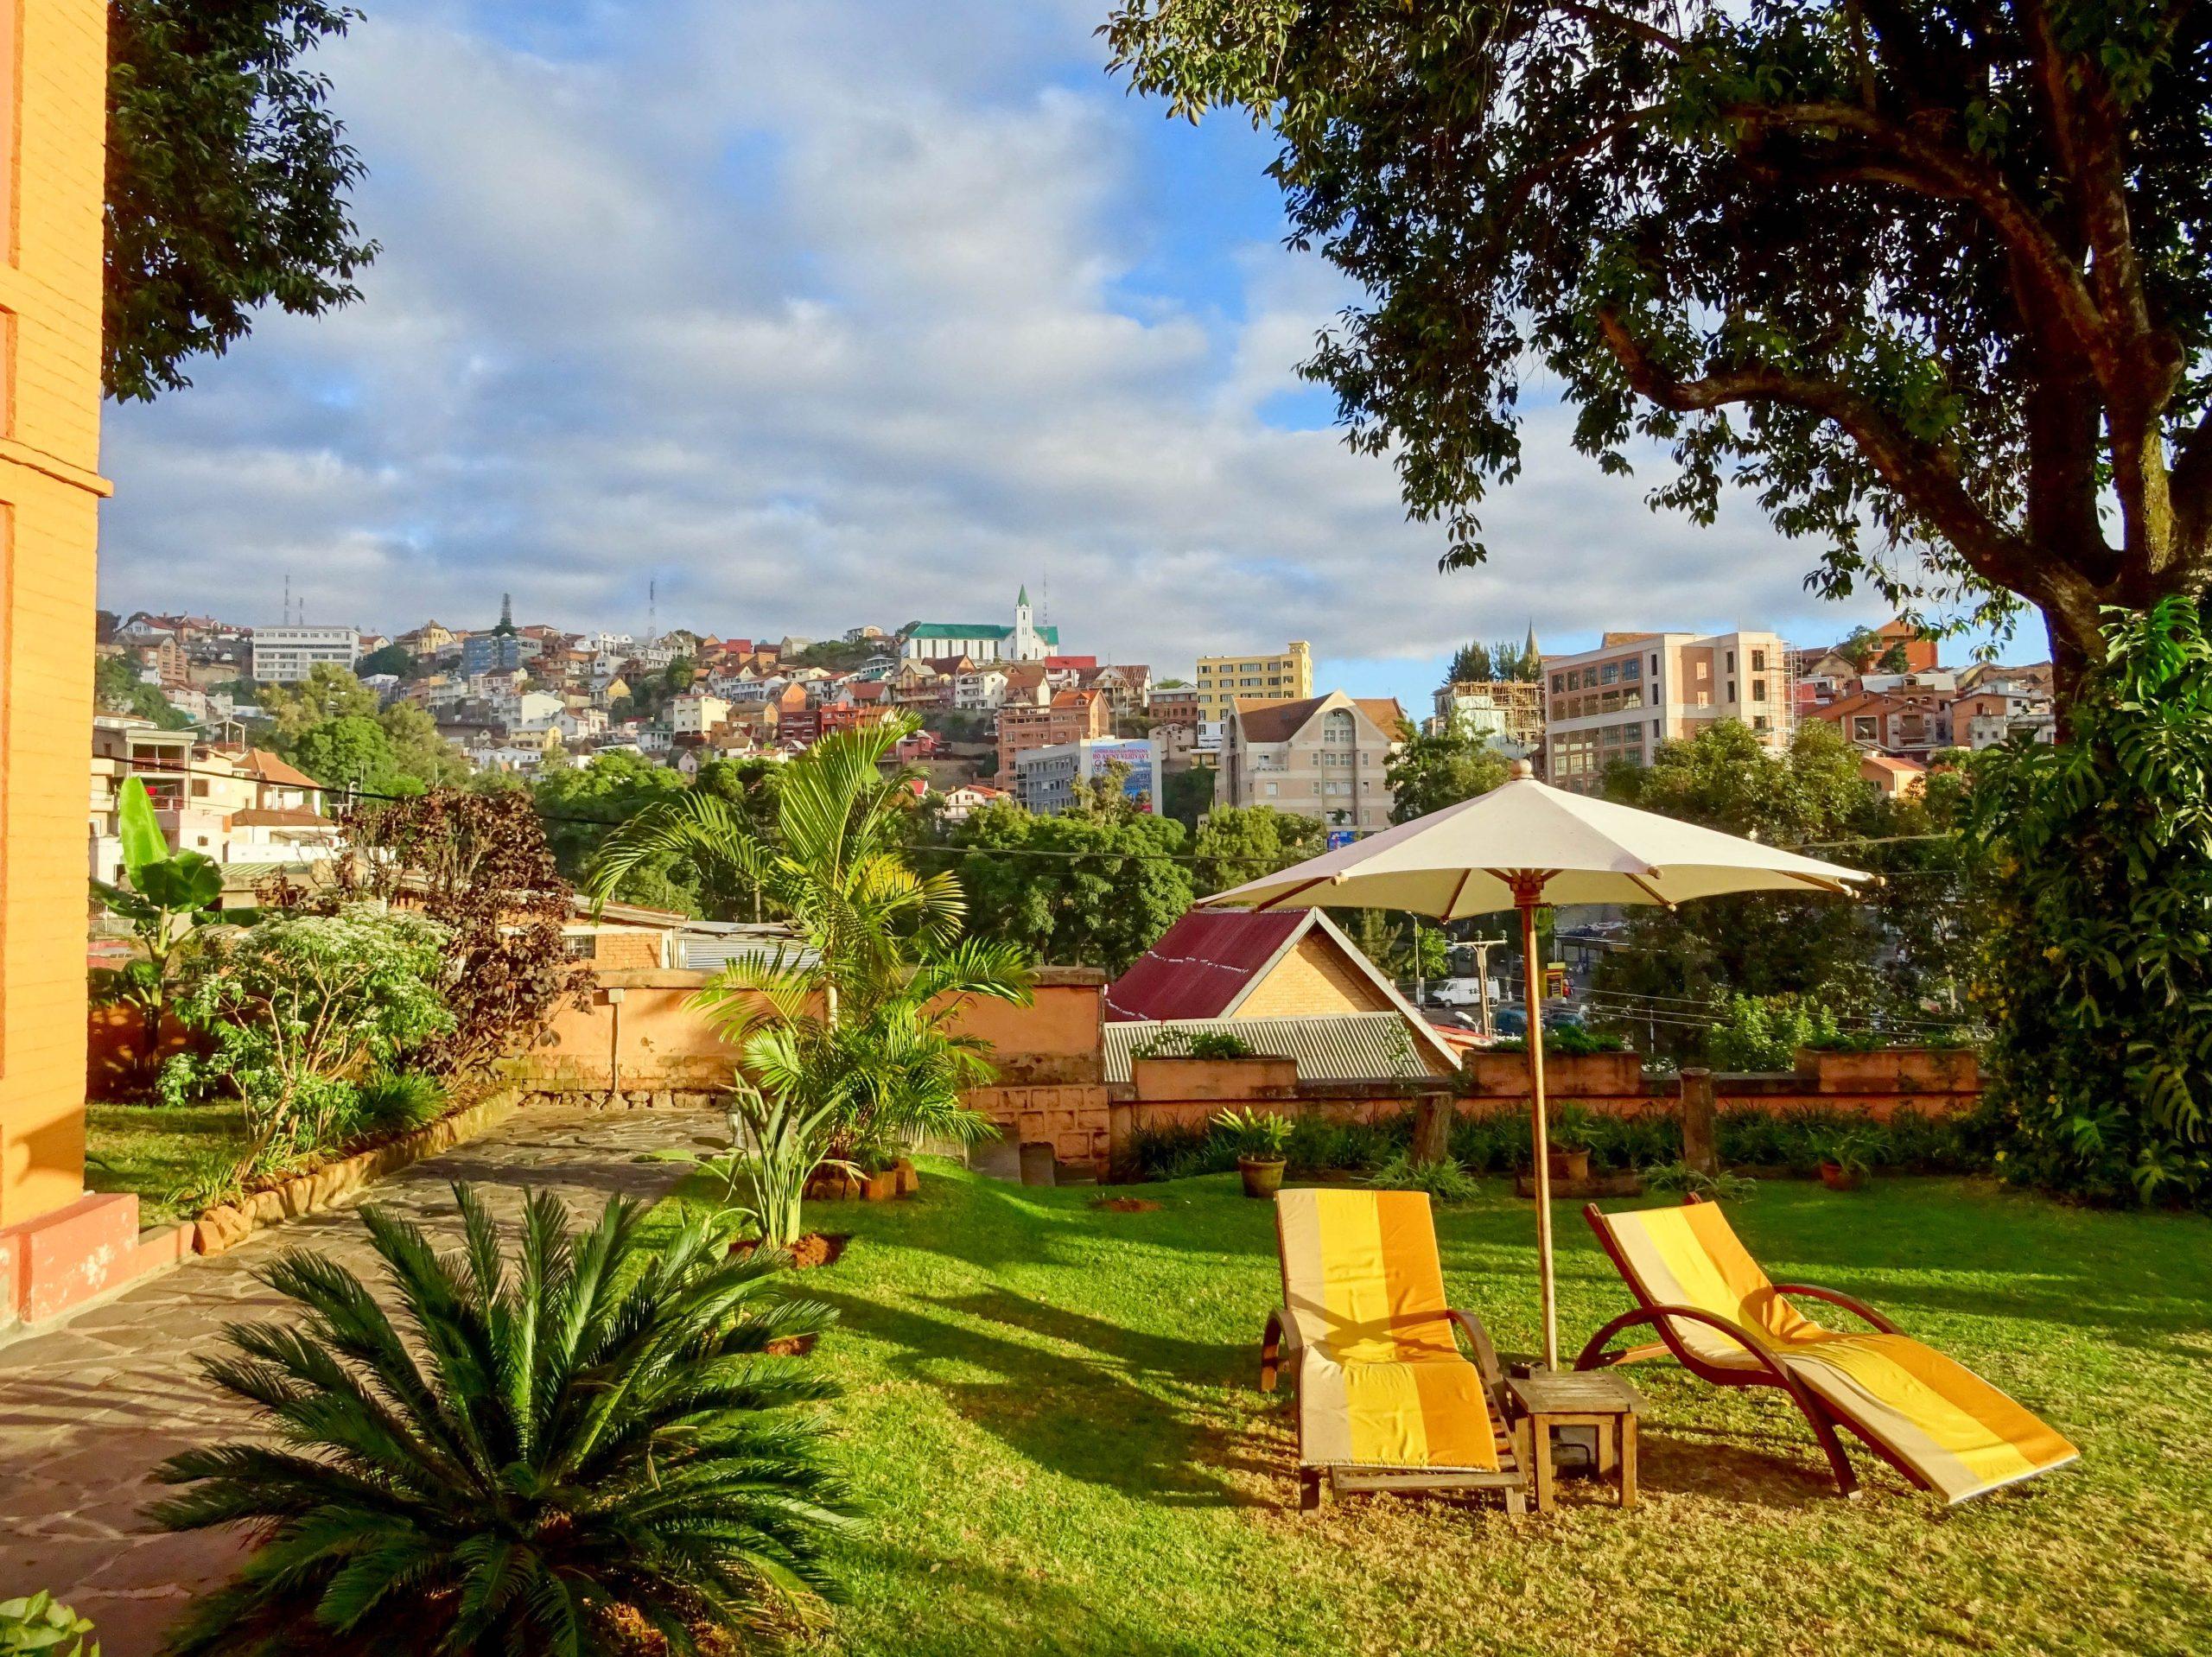 Uitzicht vanaf het terras van mijn guesthouse in Antananarivo